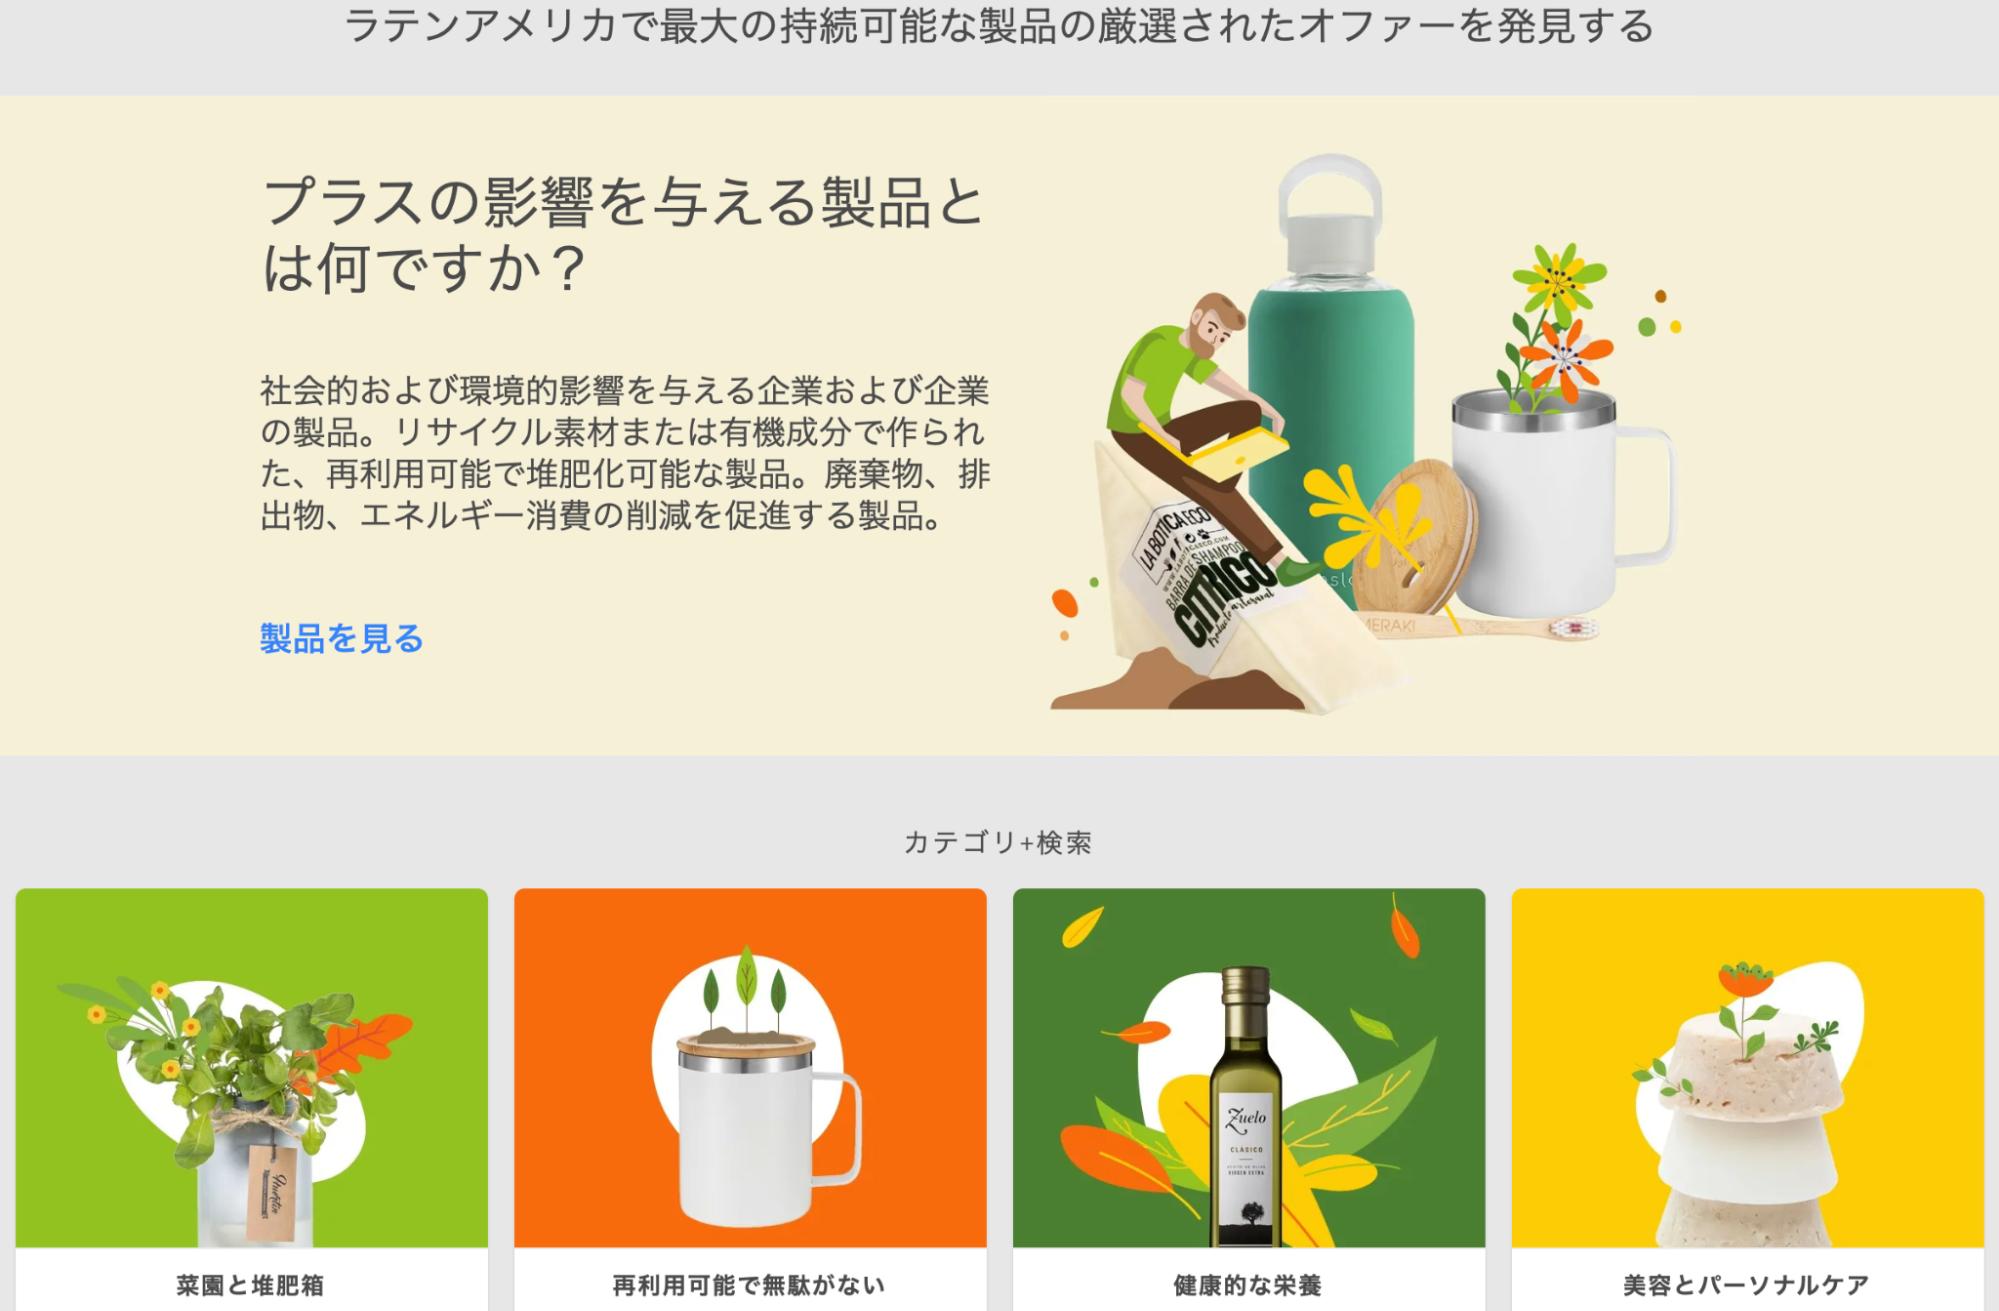 メルカドリブレの環境に配慮したページ スクリーンショット